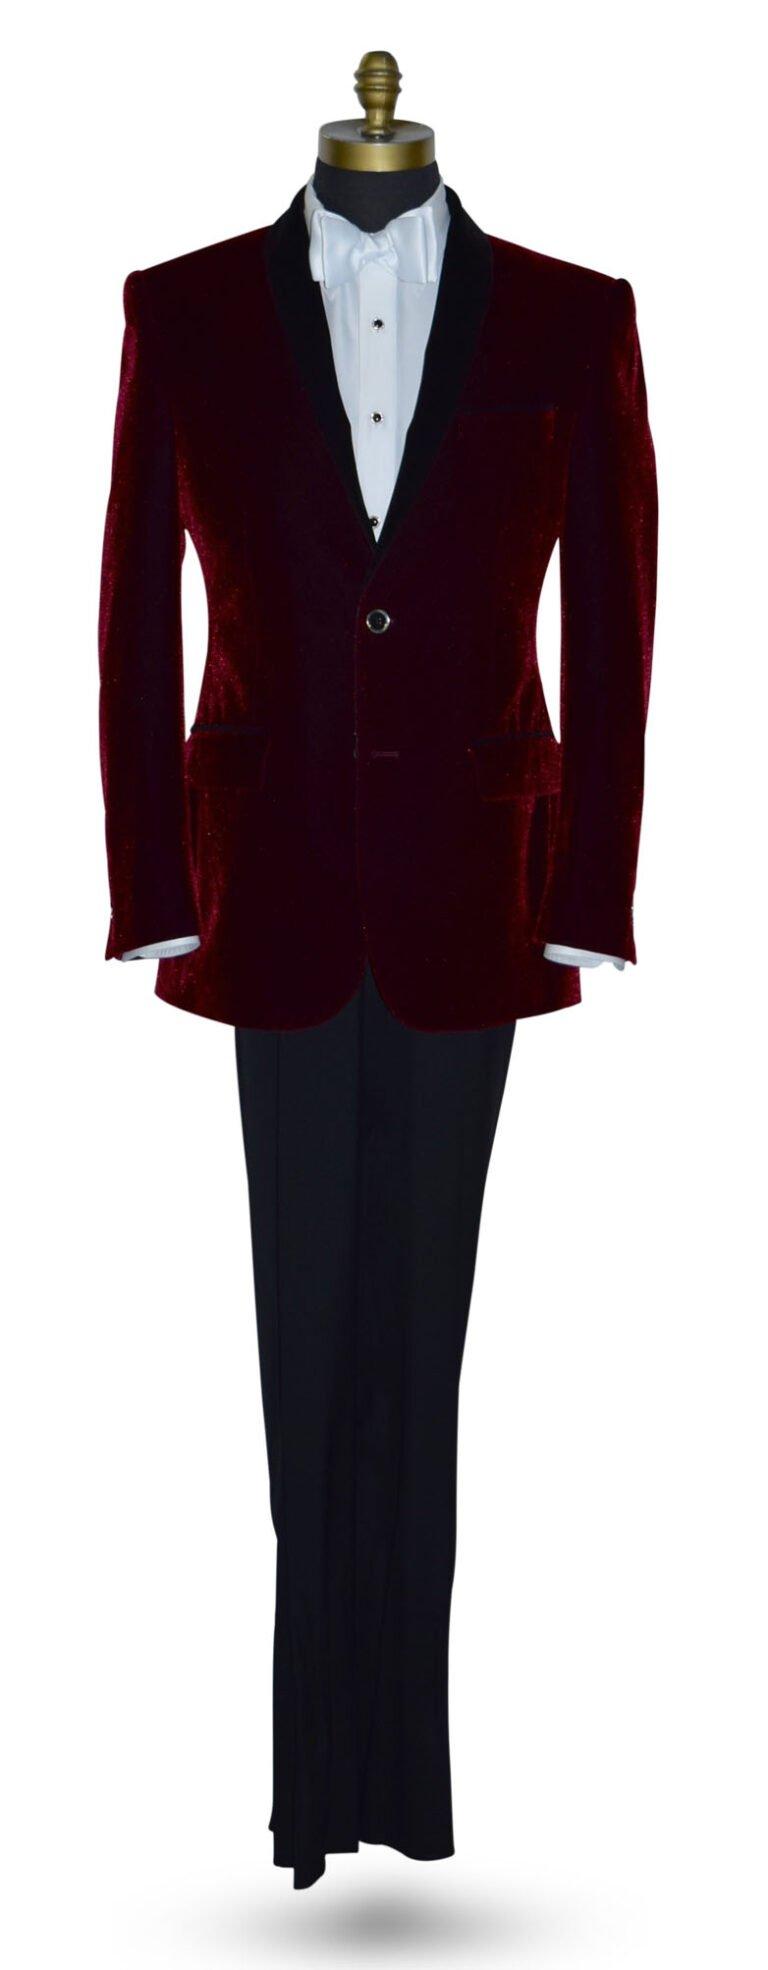 Burgundy Velvet Tuxedo Jacket